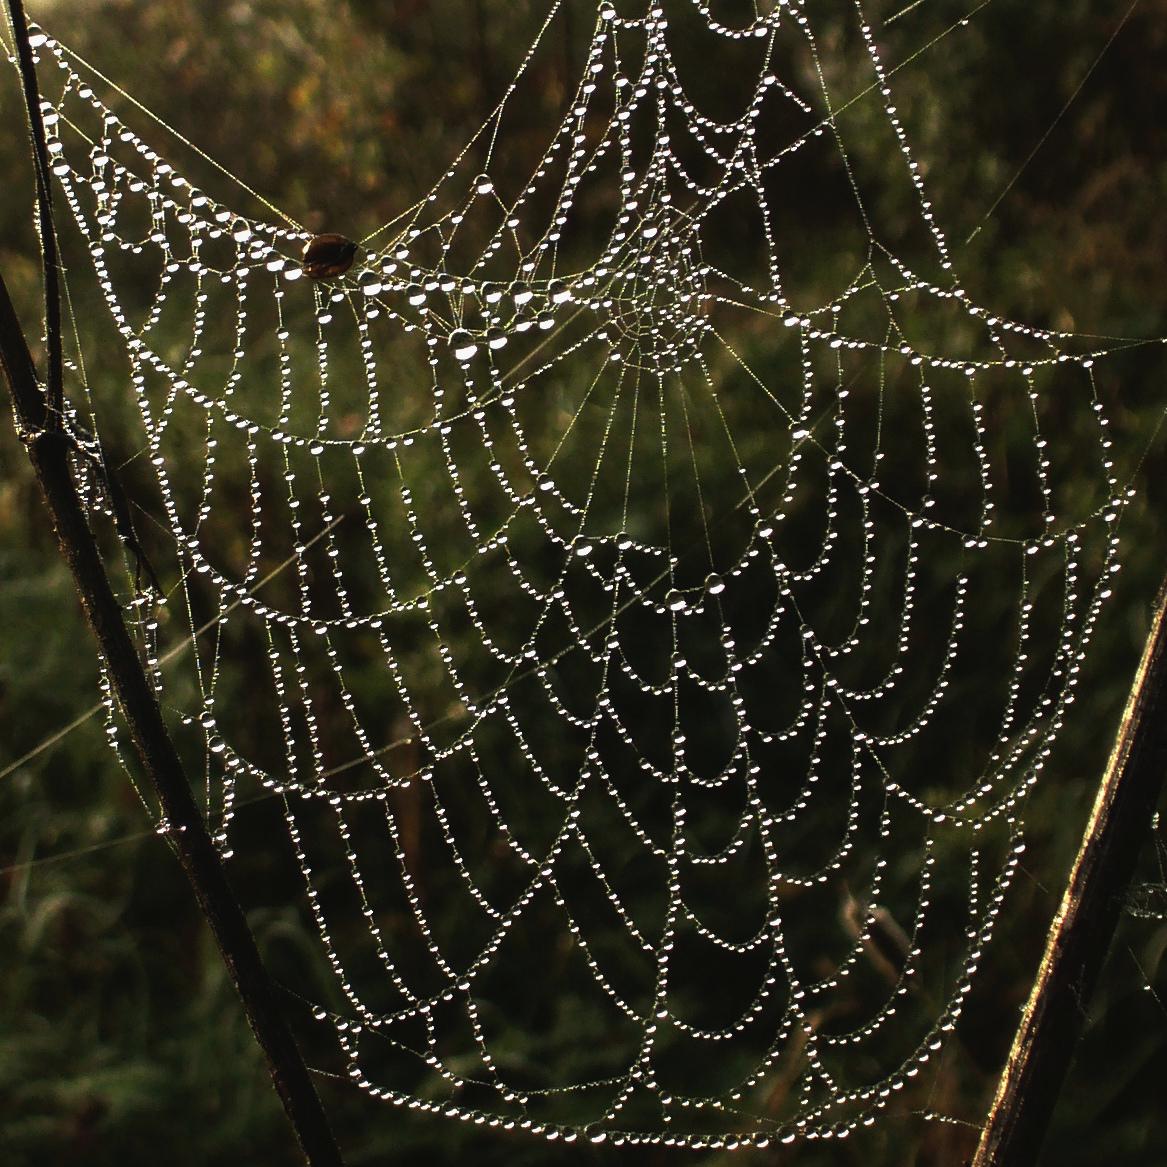 Spider-webs-belarus